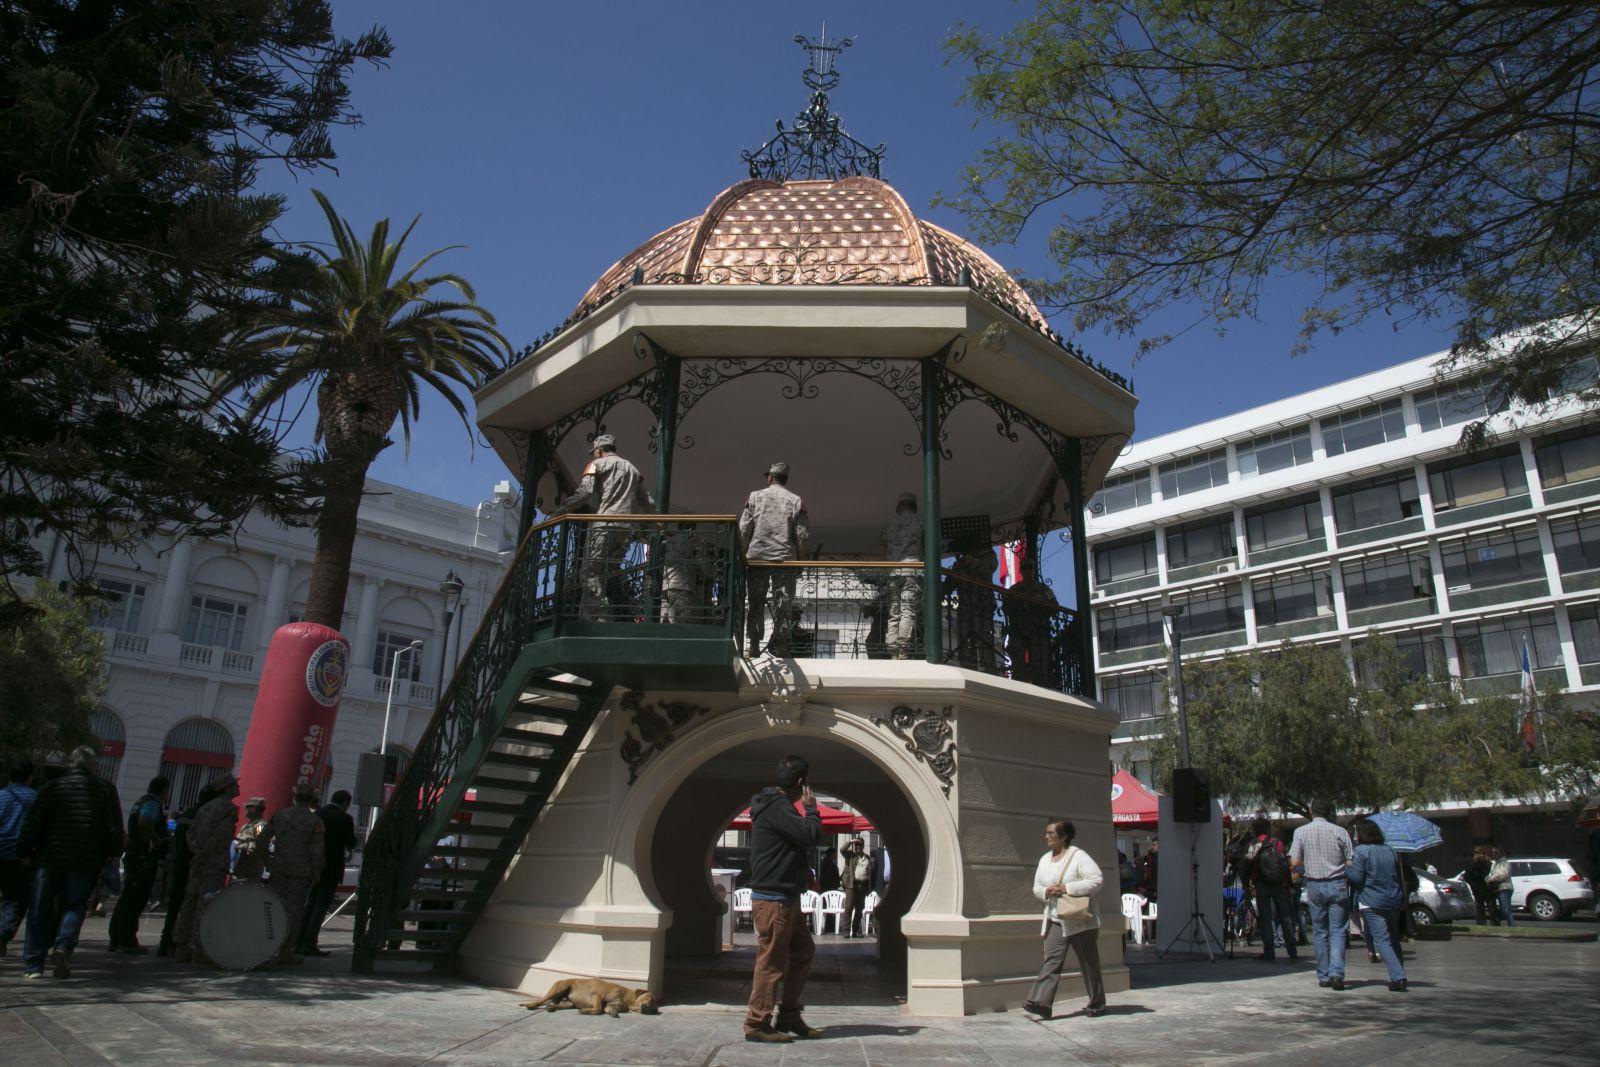 comienzan-los-ciclos-artisticos-en-el-kiosko-retreta-de-la-plaza-colon